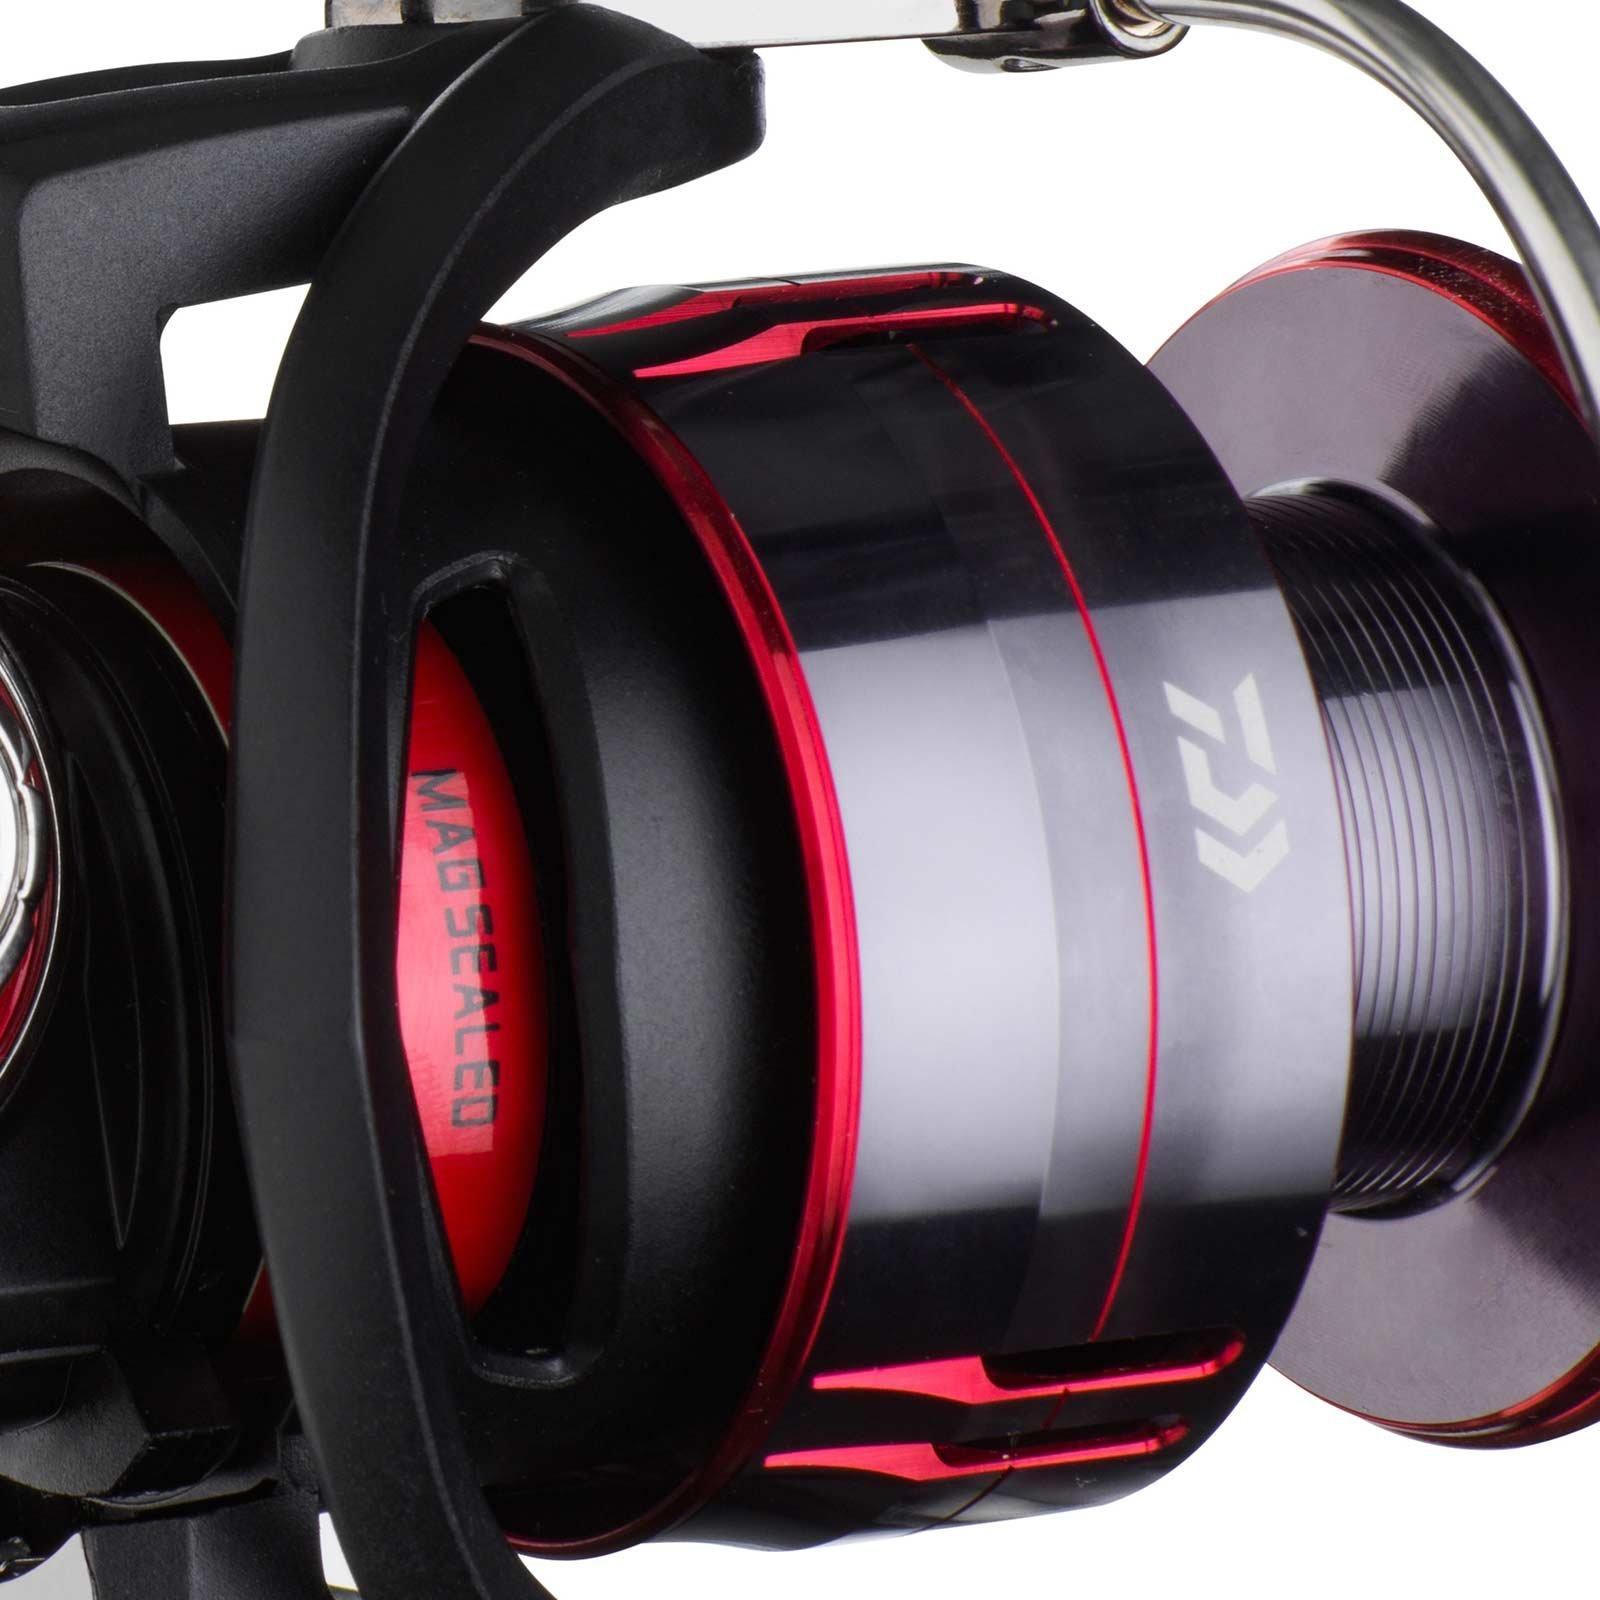 Daiwa 0001-4678 Fglt4000D-C Fuego Lt Spinning: Amazon.es: Deportes ...